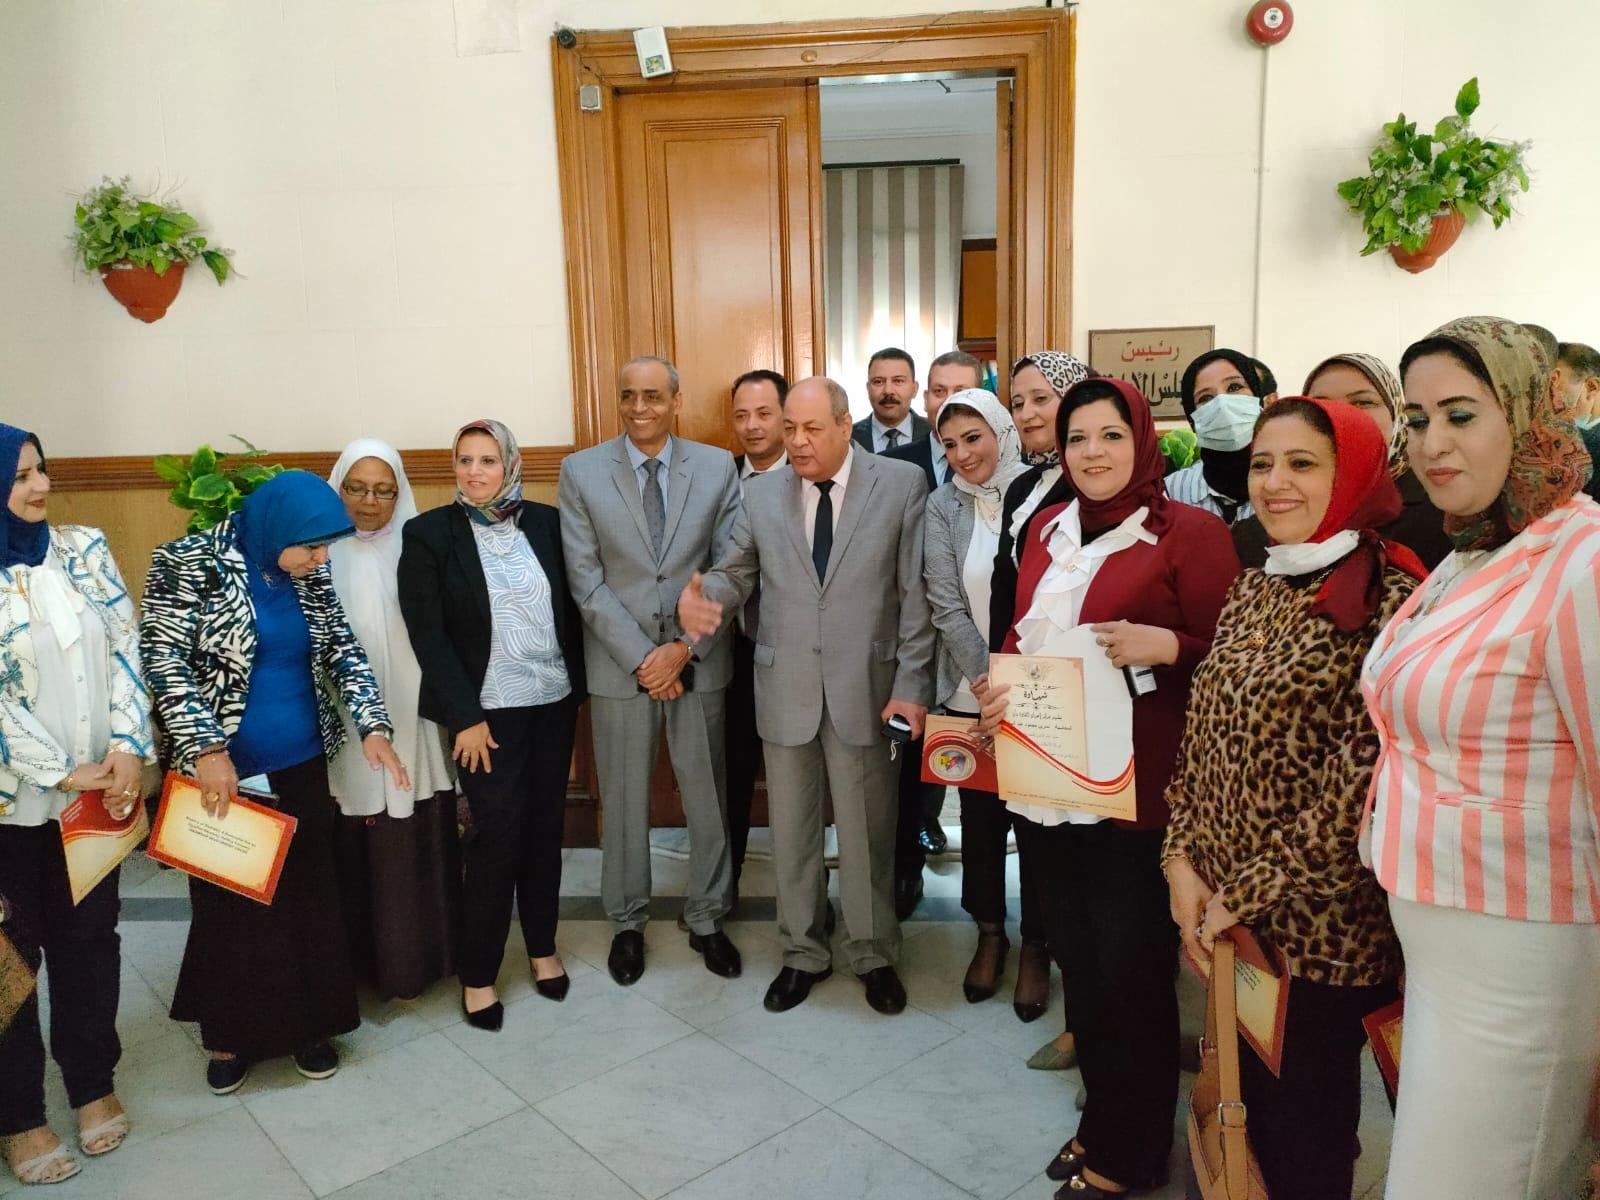 فعاليات دورة تنمية المهارات الإدارية والقيادية بكهرباء الإسكندرية